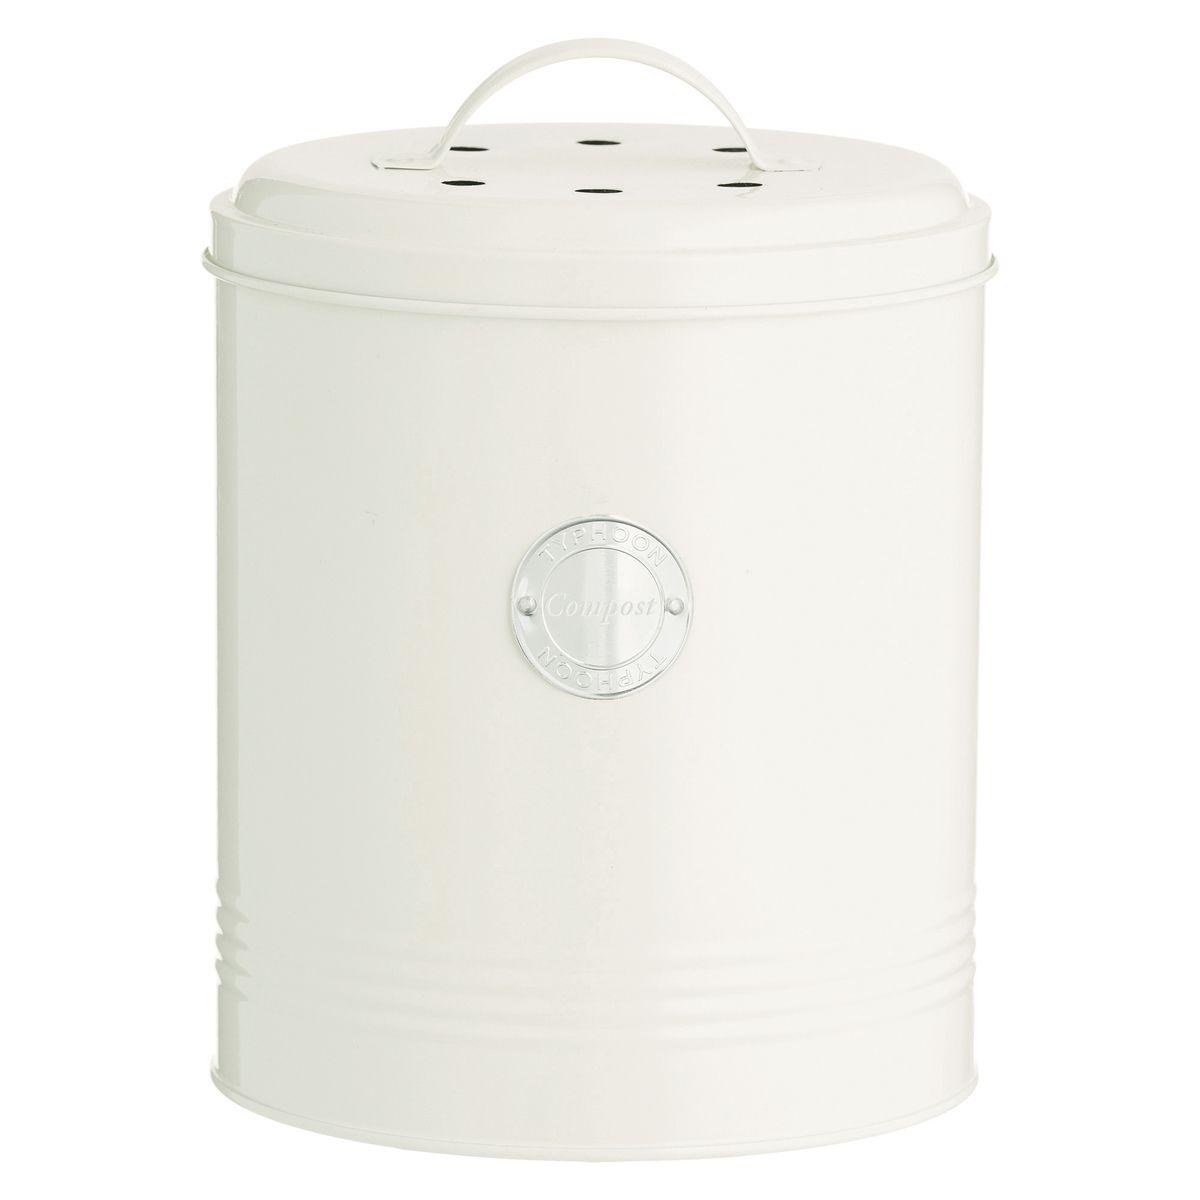 Poubelle à compost blanc cassé avec filtre charbon 2,5L - Typhoon